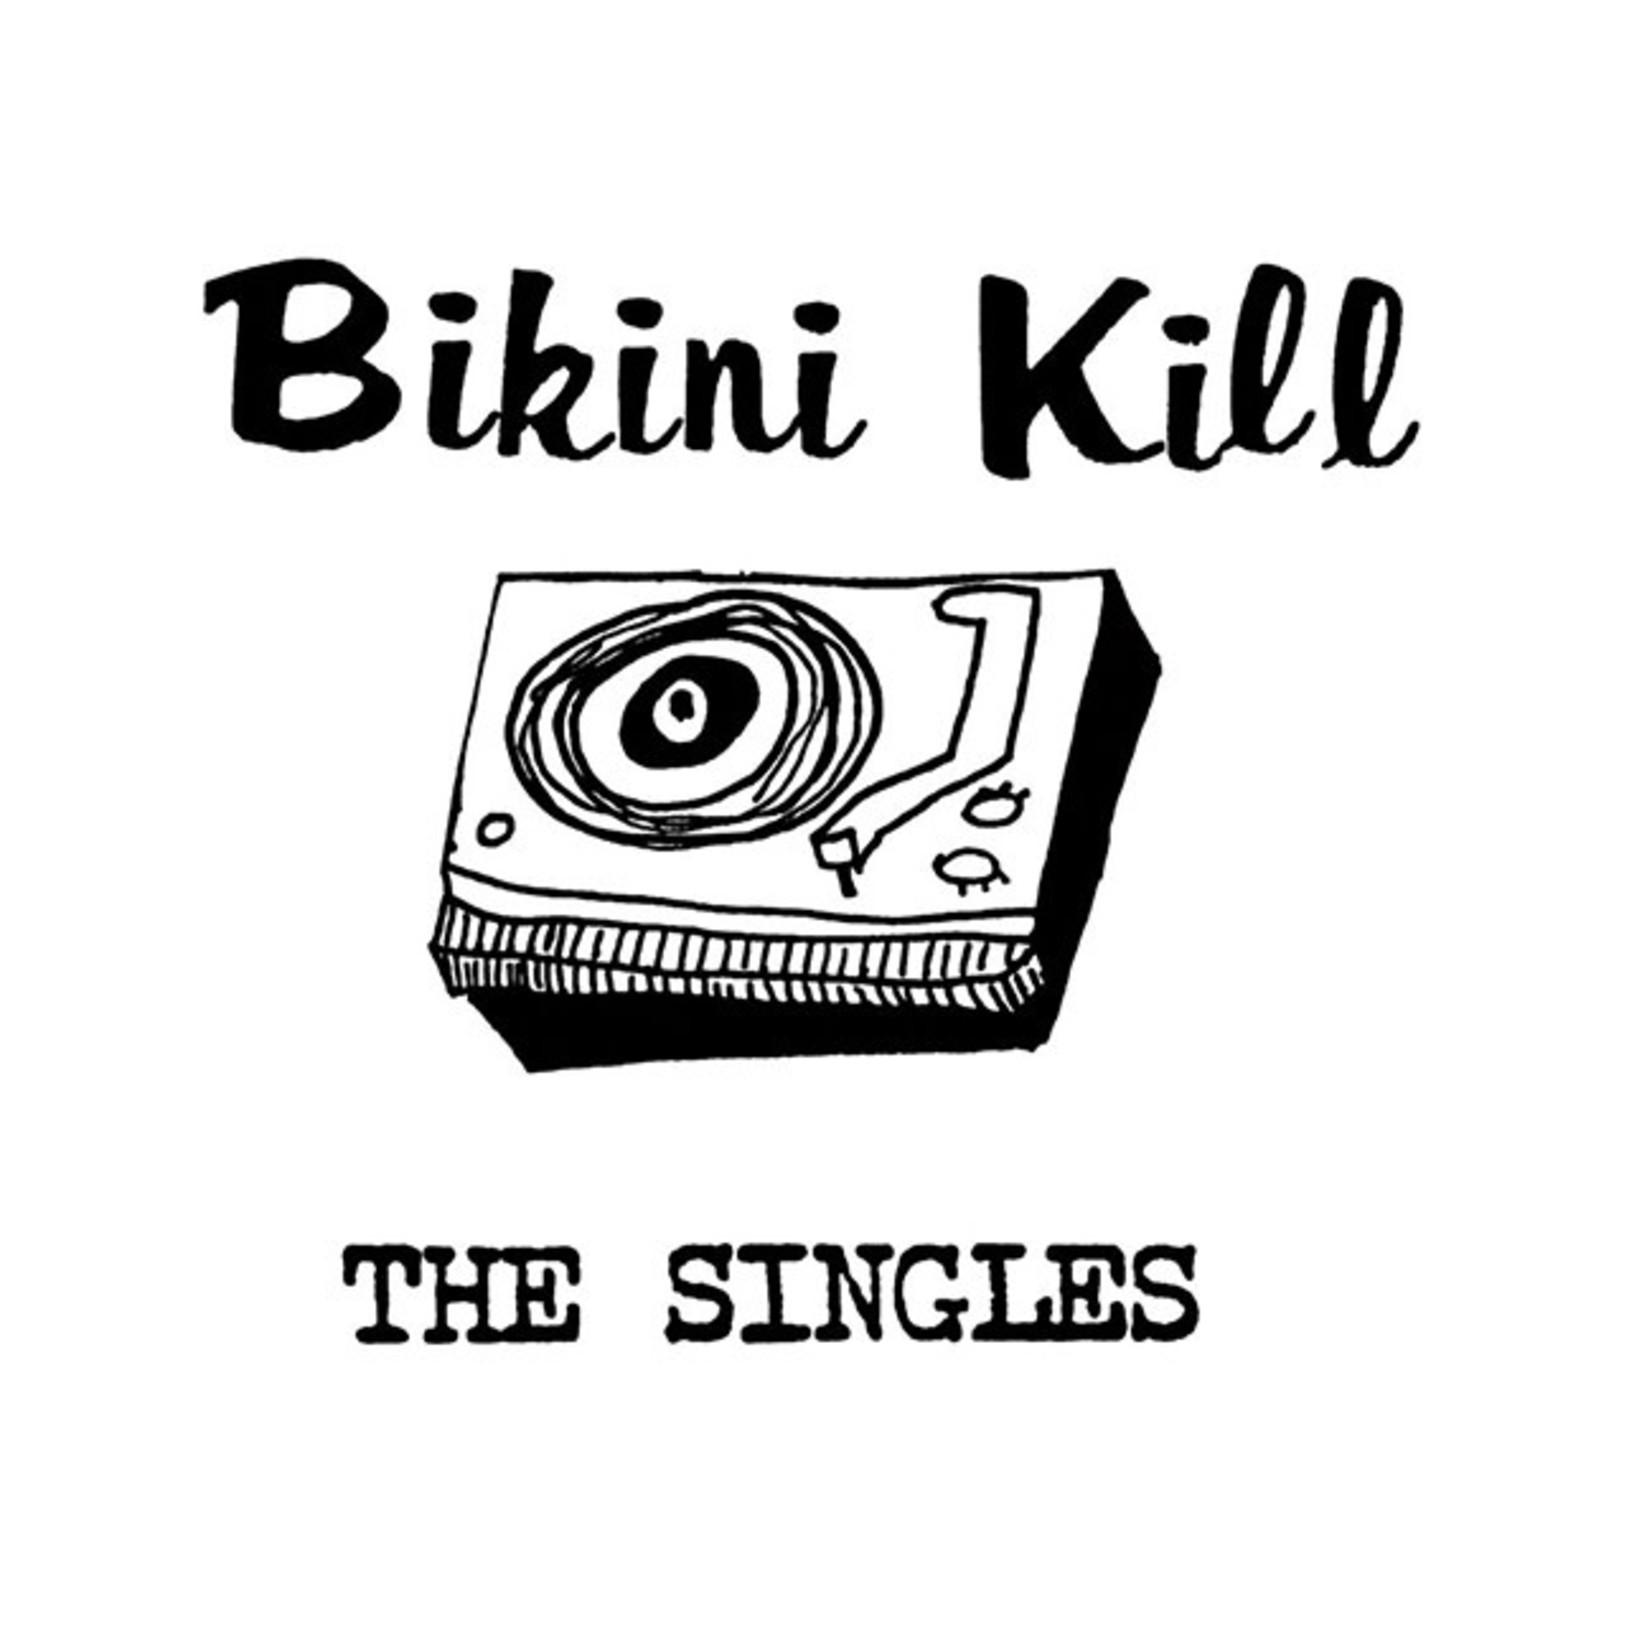 [New] Bikini Kill: The Singles